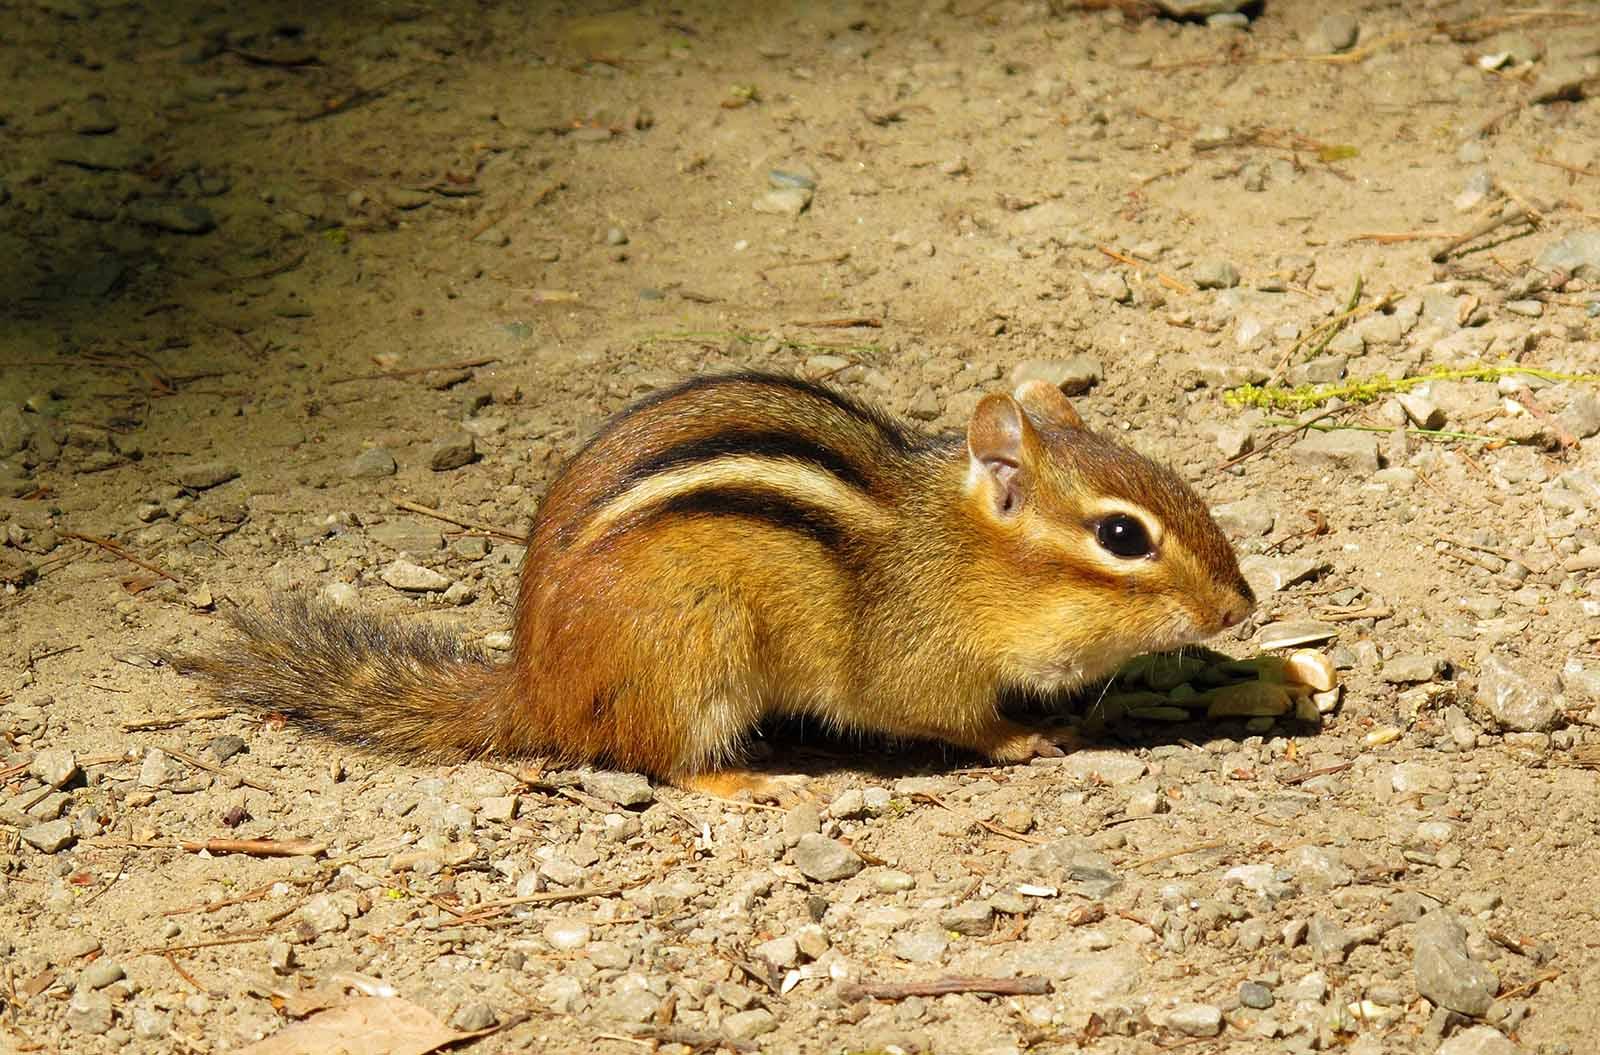 Chipmunks | Fun Animals Wiki, Videos, Pictures, Stories